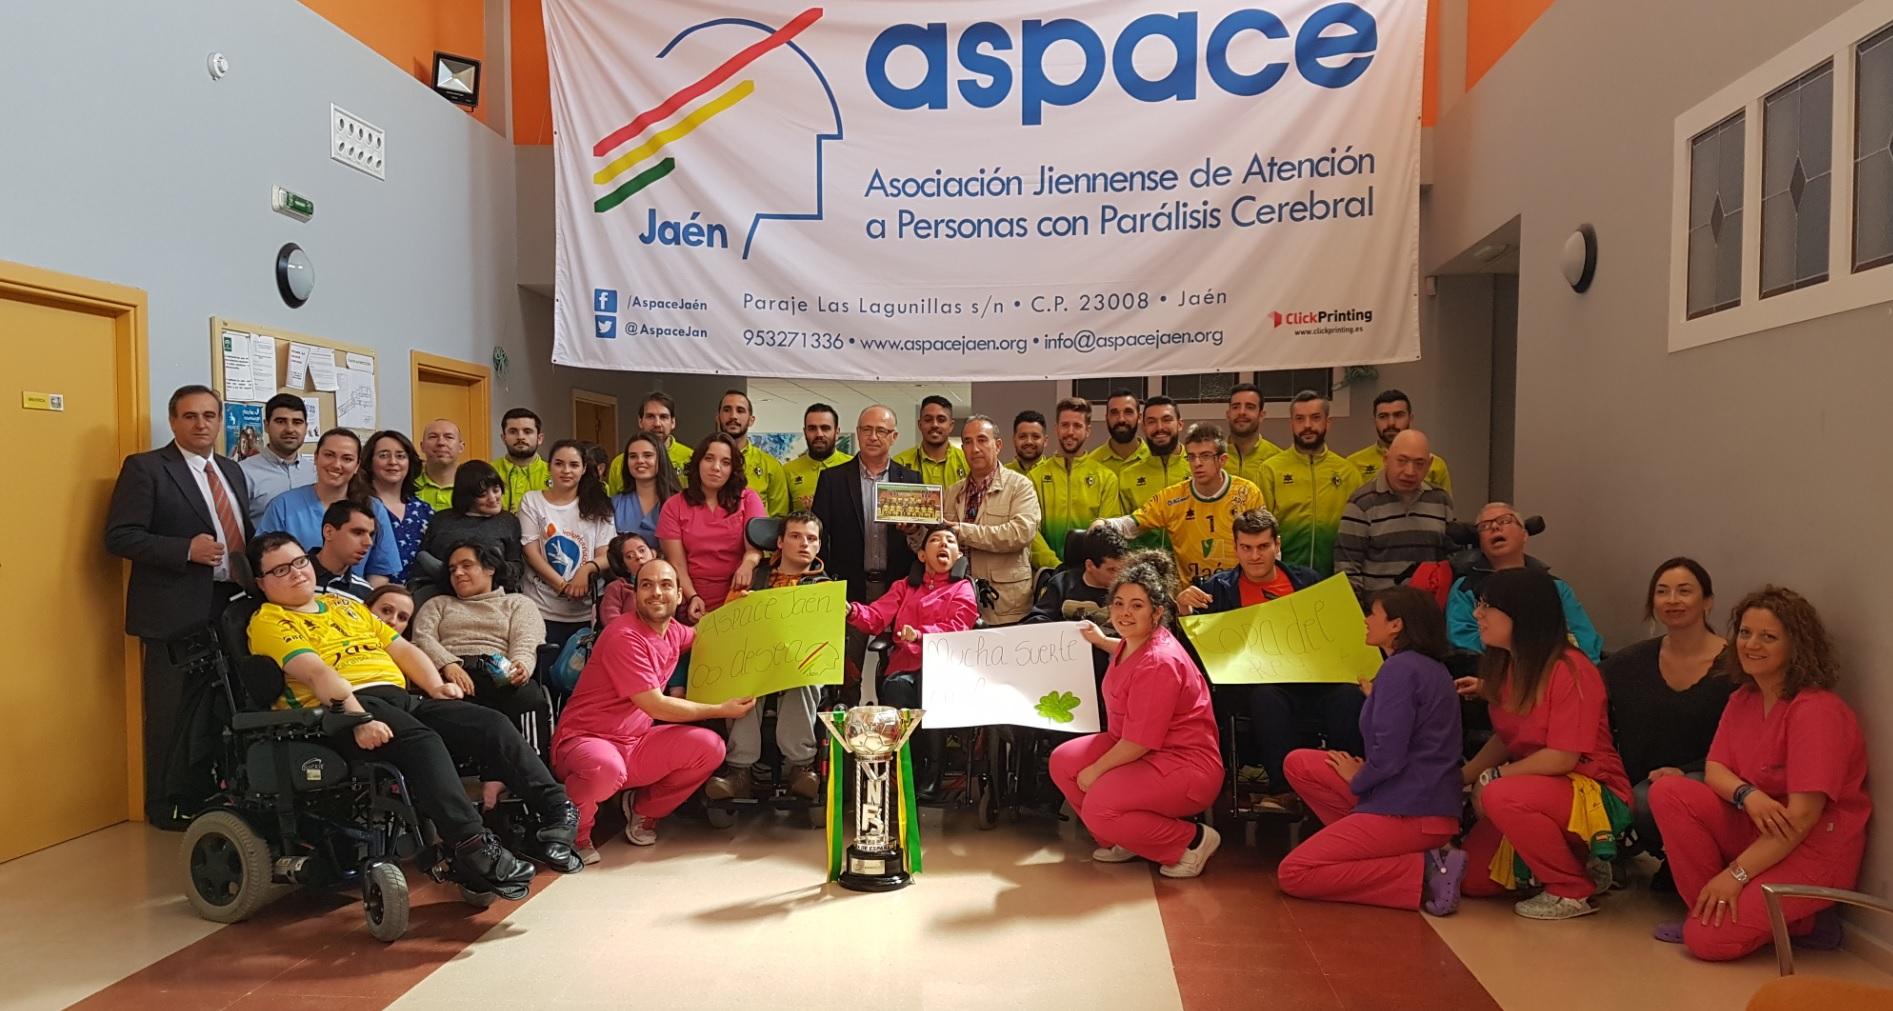 El Jaén Paraíso Interior FS realiza una visita a Aspace Jaén